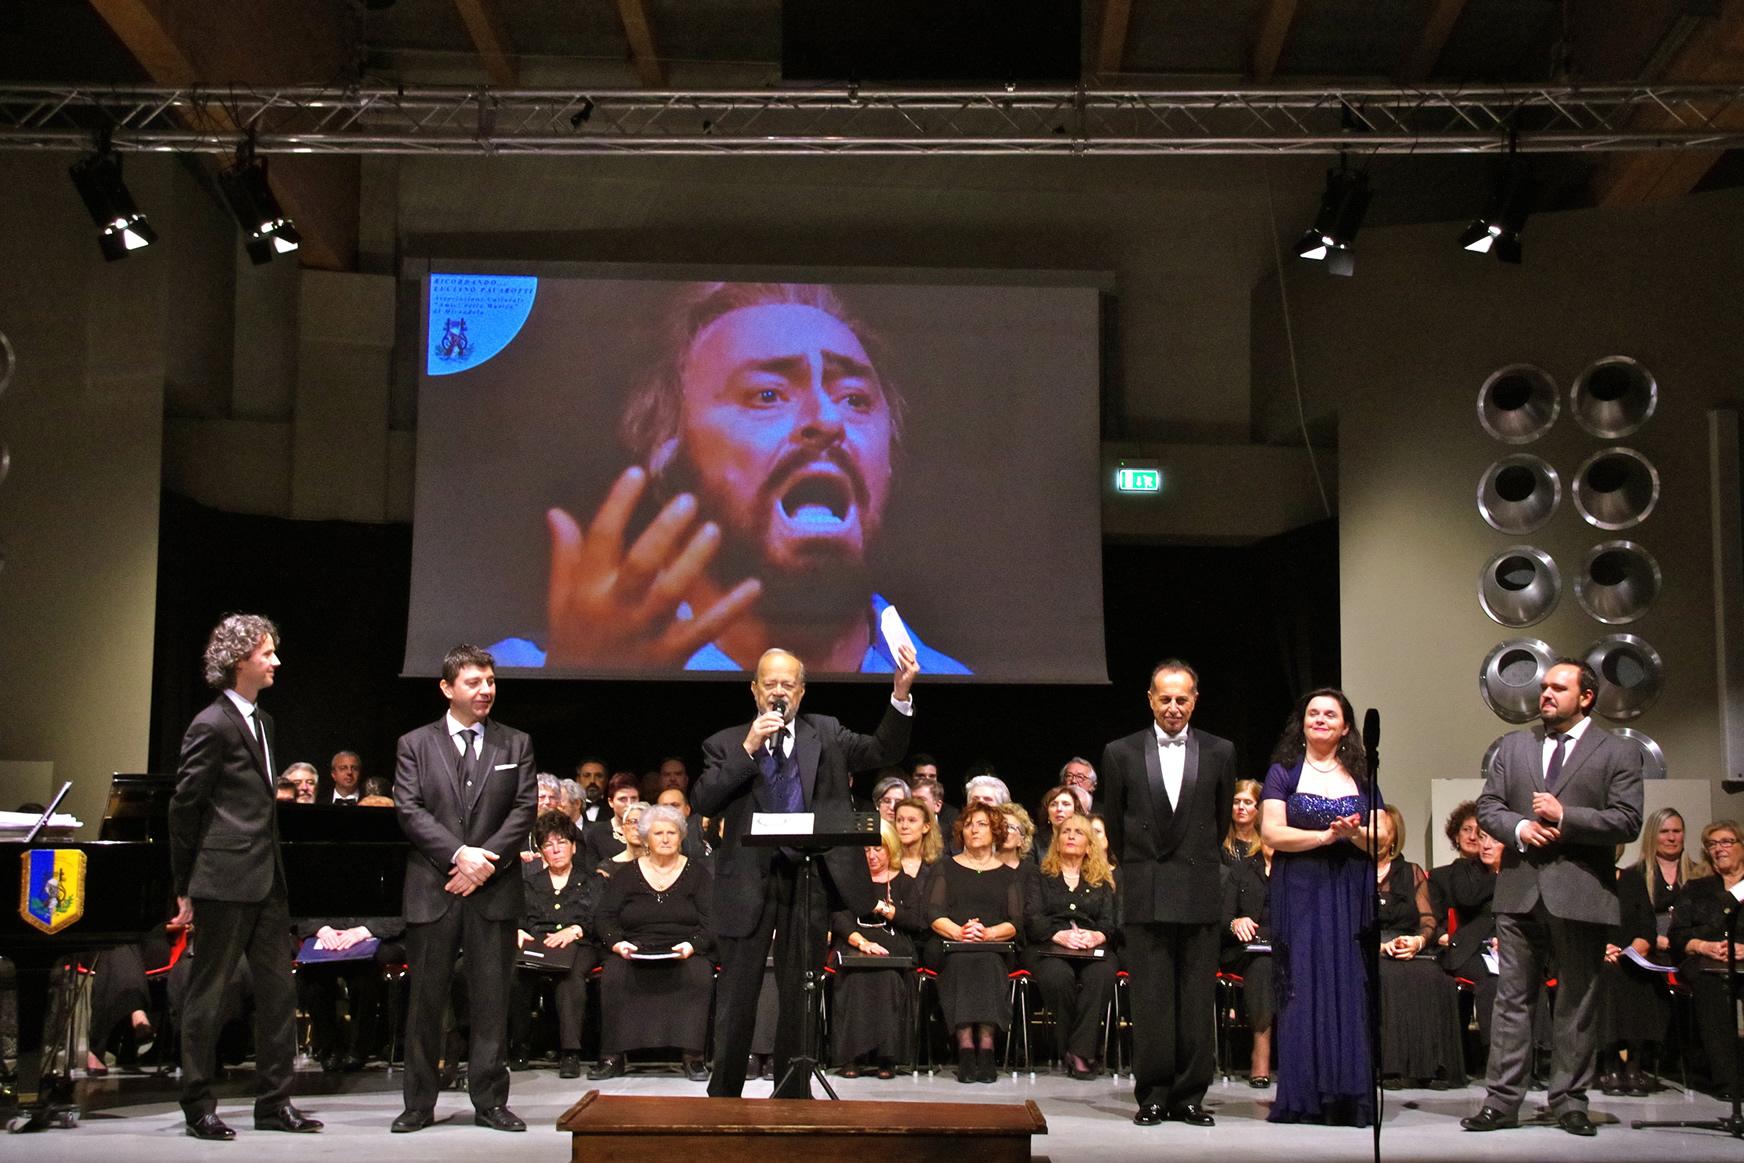 Ricordando Luciano Pavarotti